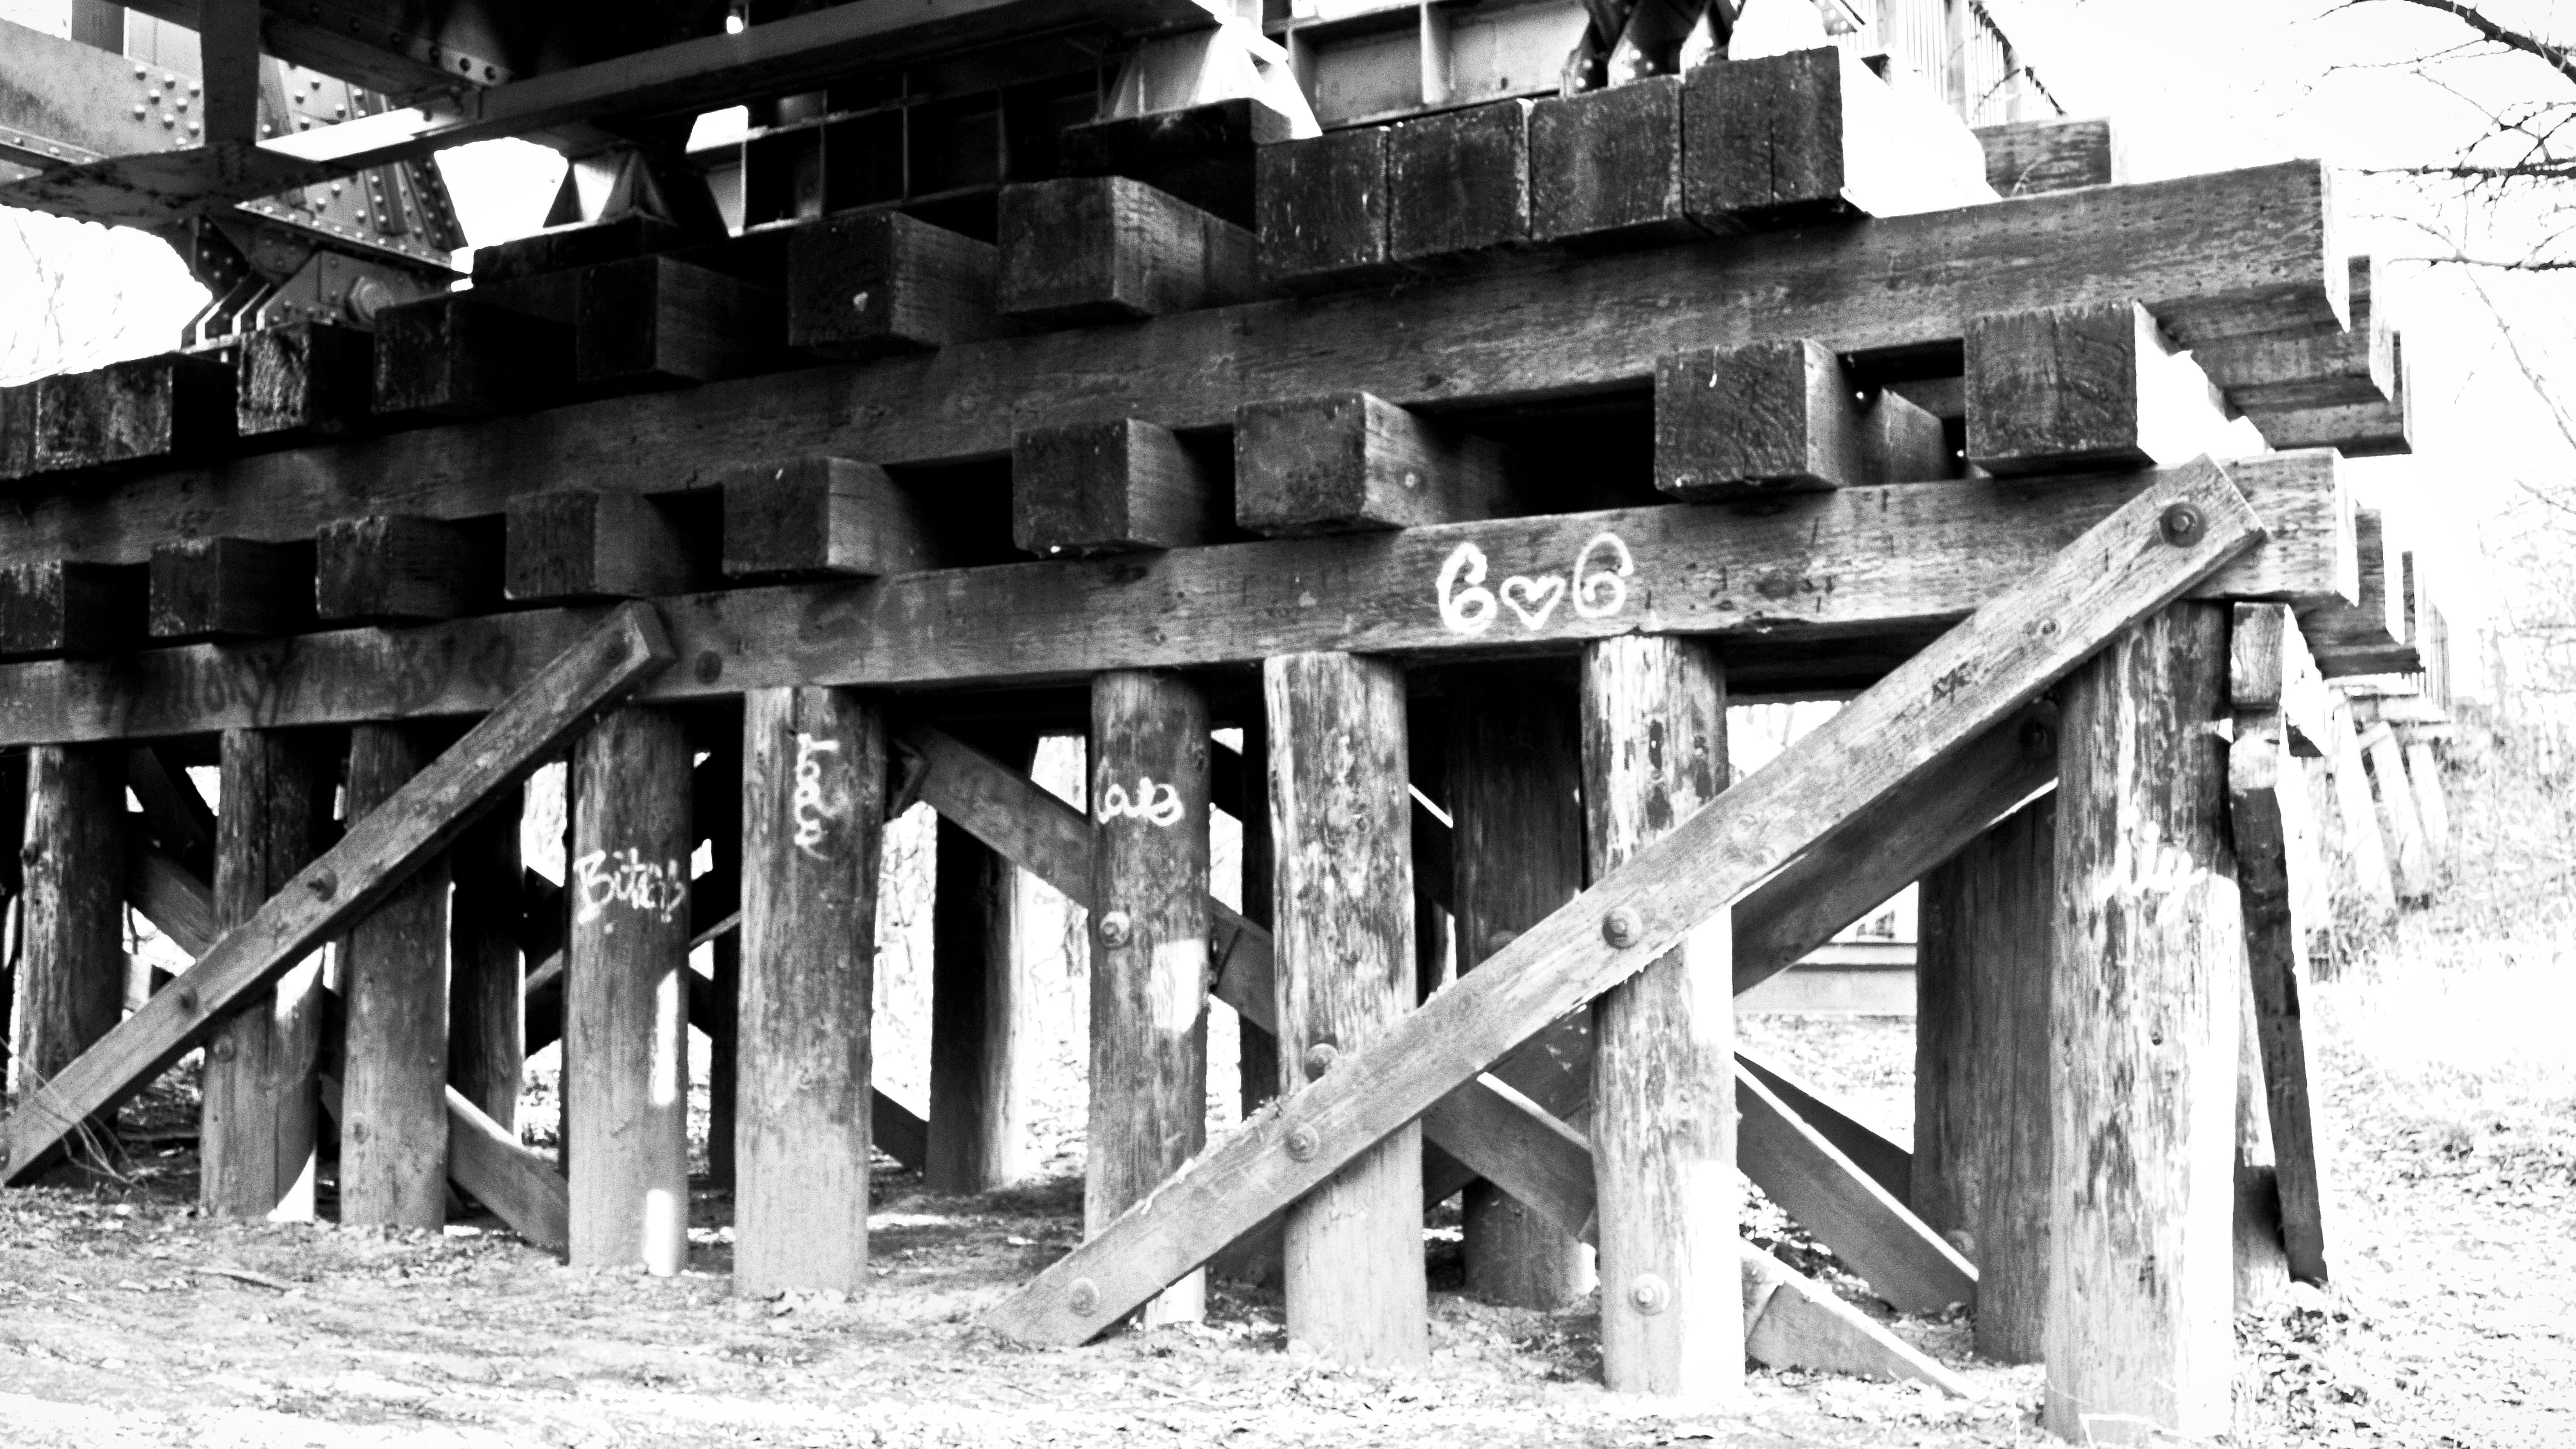 bridge pilings old style